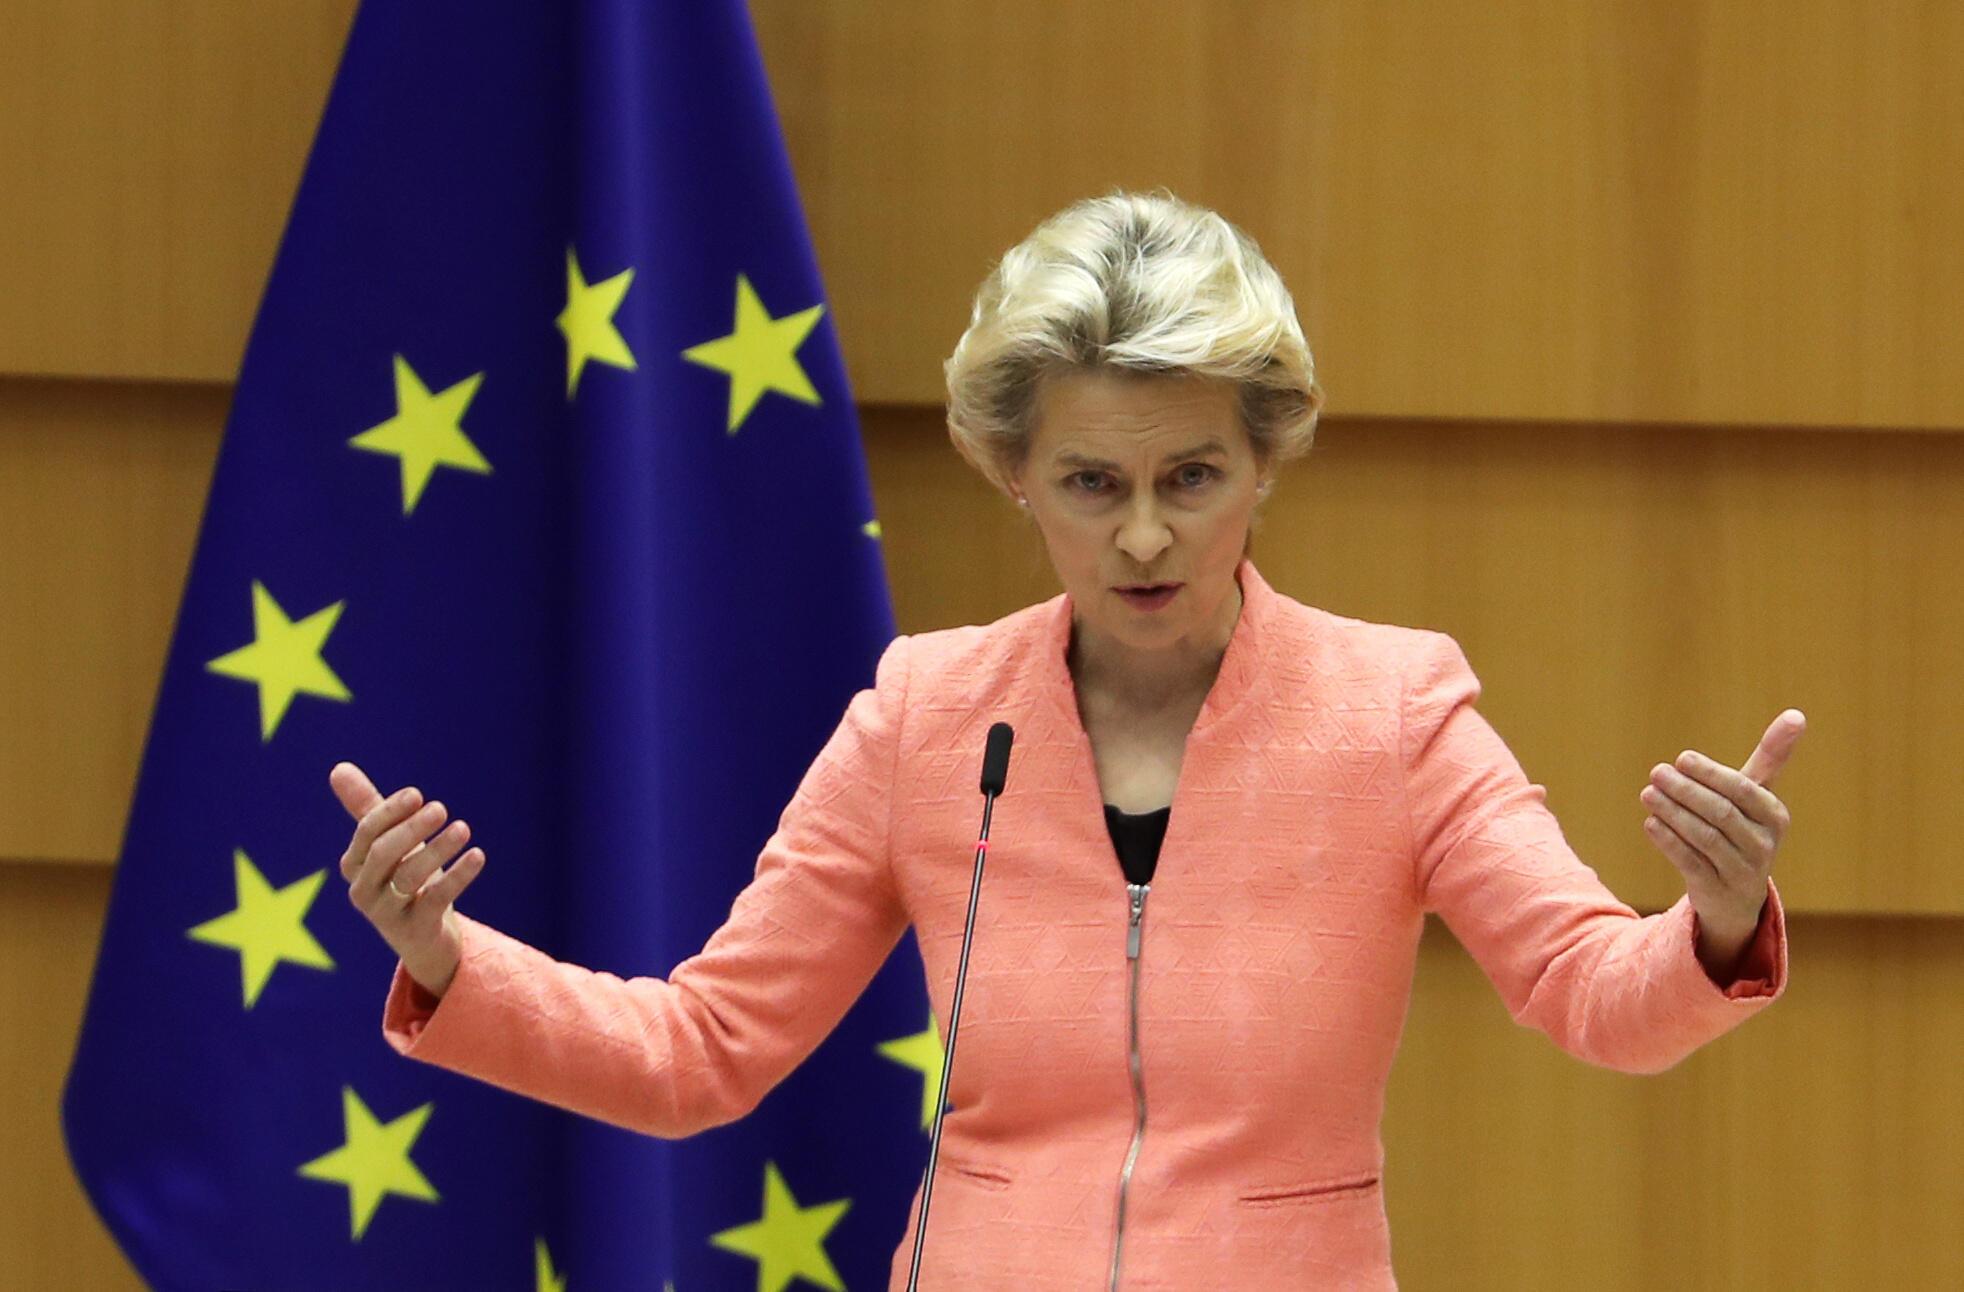 رئيسة المفوضية الأوروبية أورسولا فون دير لايين في بروكسل، في 16 سبتمبر/أيلول 2020.